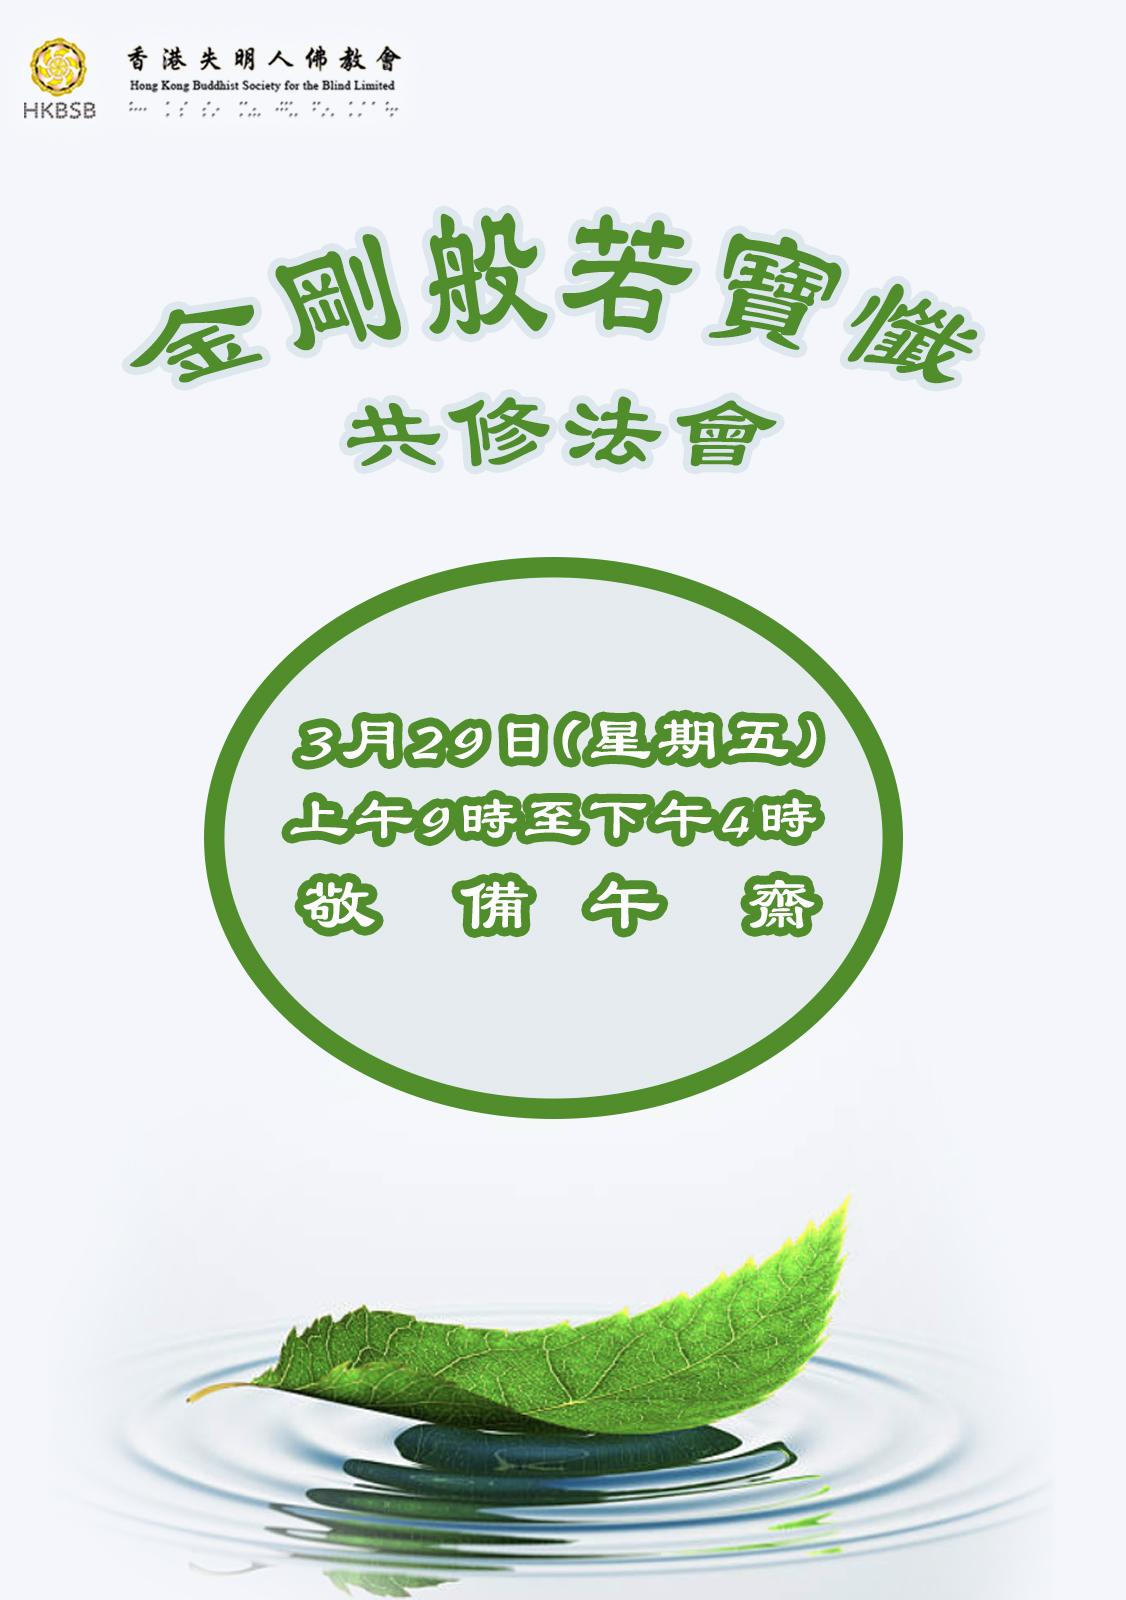 2019-3-29 金剛般若寶懺